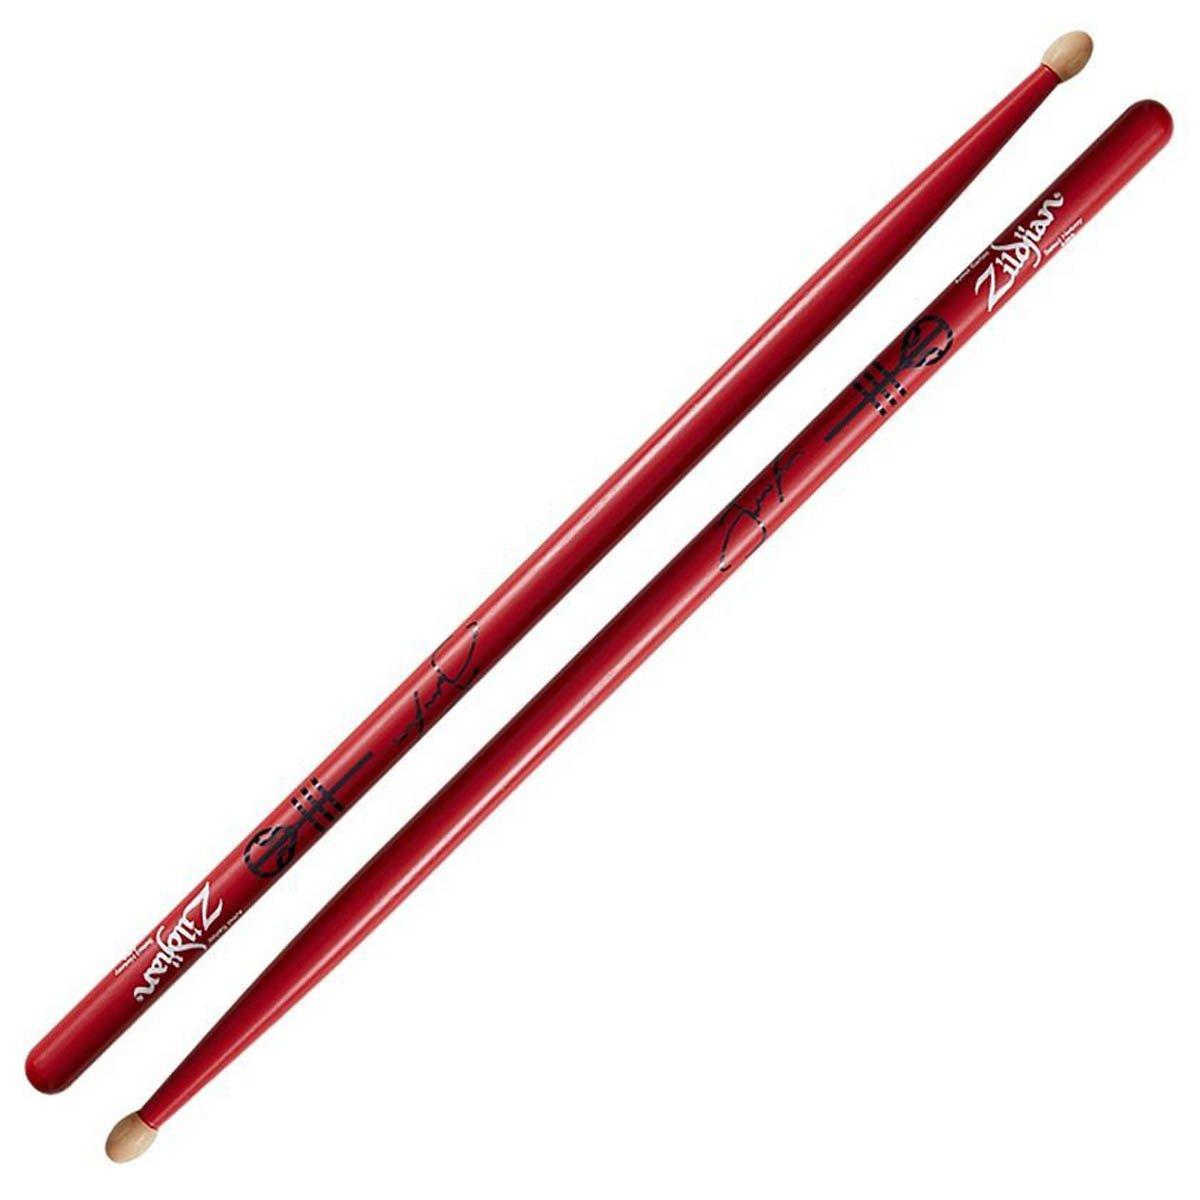 Zildjian Josh Dunn Signature Drumsticks (Red) - Wood Tip